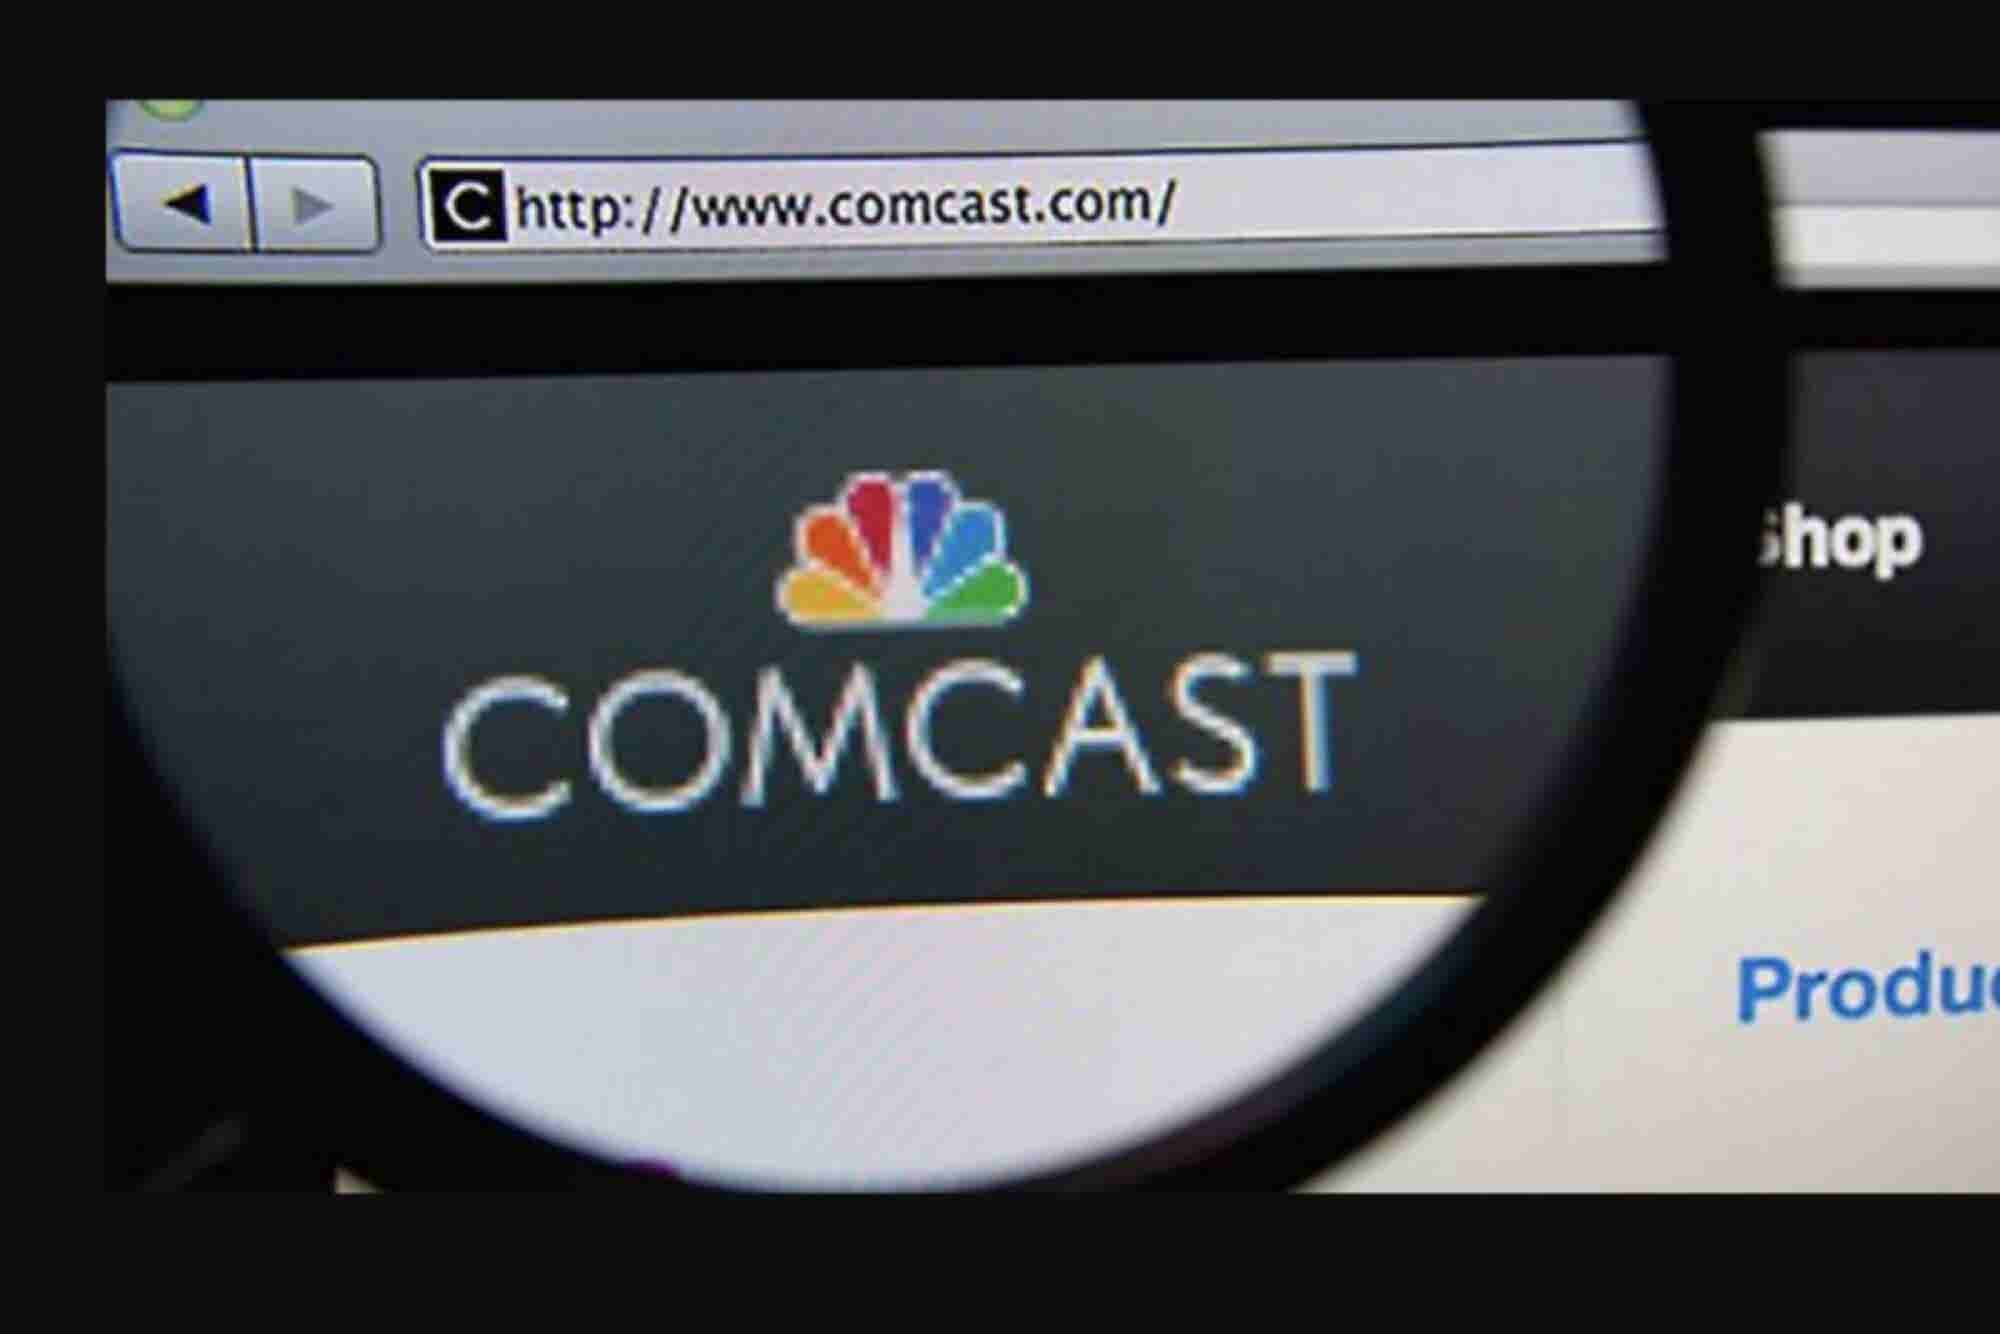 ¡Arrancan las ofertas! Comcast quiere comprar Fox por 65 mil mdd